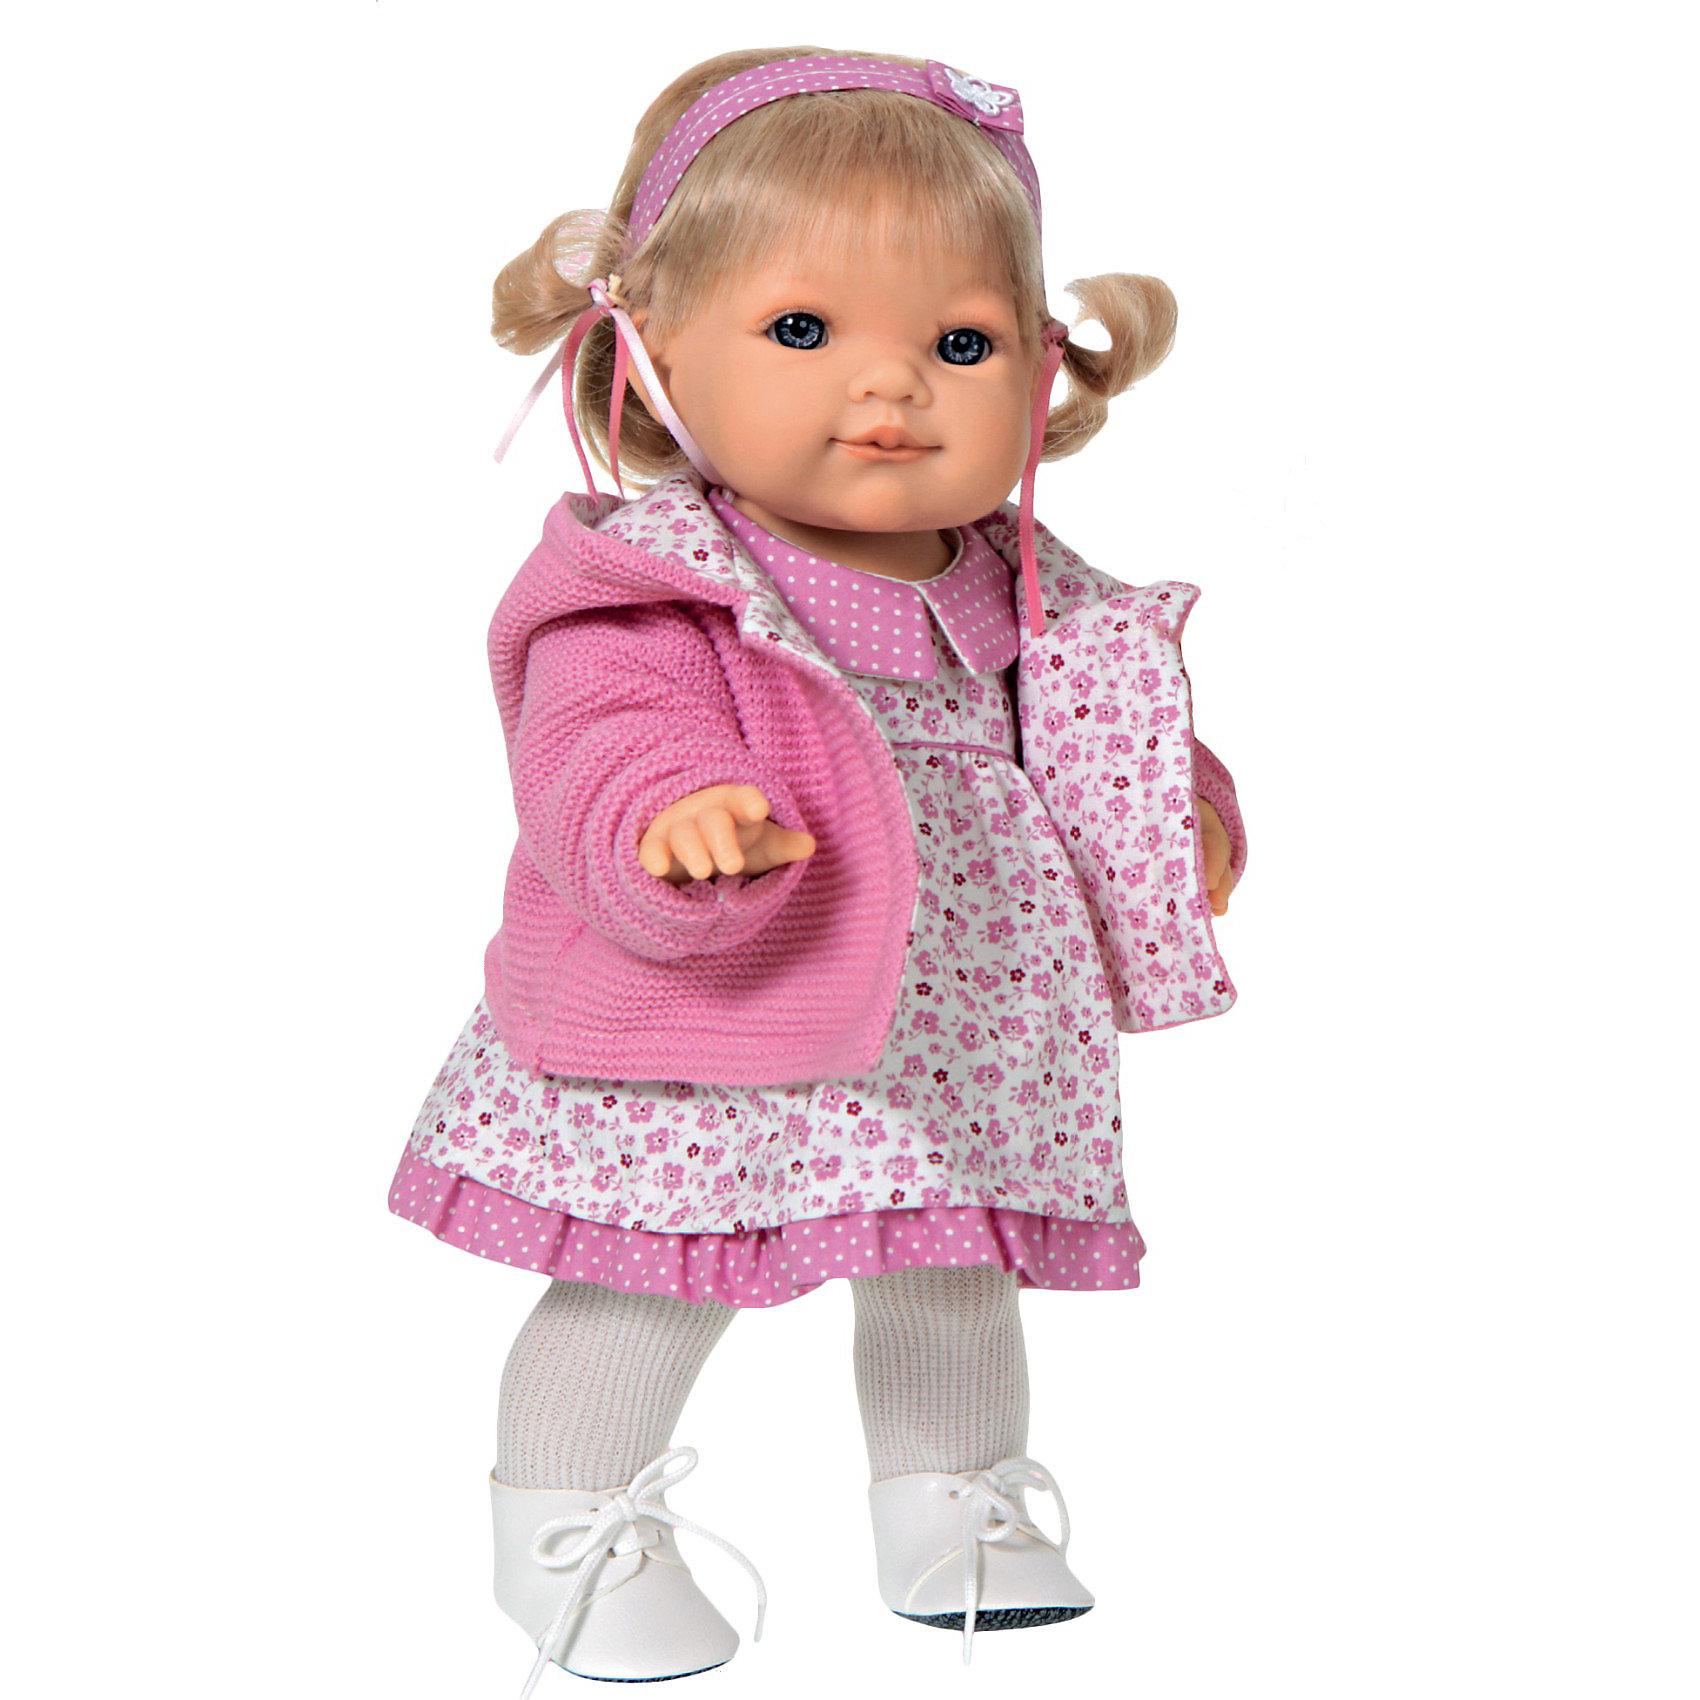 Кукла Эвита в розовом, 38 см, Munecas Antonio JuanКлассические куклы<br>Кукла Эвита в розовом, 38 см, JUAN ANTONIO munecas (ХУАН АНТОНИО мунекас) – это качественные игрушки из Испании, популярные во всем мире.<br>Кукла Эвита такая милая и очаровательная, что не оставит равнодушным ни ребенка, ни взрослого. Эта кукла-малышка Эвита совсем как настоящая маленькая девочка, со своей мимикой, складочками на теле и цвету кожи. Малышка Эвита – озорная девушка, любящая активные игры на свежем воздухе. Она не за что не замерзнет на прогулке, потому что тепло одета. На кукле одето платьице с отложным воротничком, вязаная кофточка, теплые колготки, ботиночки на шнурках. У куклы светлые волосы, собранные в озорные хвостики и голубые глаза. Образы кукол-малышей разработаны известными дизайнерами кукол. Куклы натуралистичны, анатомически точны, с подвижными ручками и ножками, копируют настоящих младенцев. Кукла изготовлена из высококачественного эластичного винила.<br><br>Дополнительная информация:<br><br>- Глаза куклы не закрываются<br>- Высоты куклы: 38 см.<br><br>Куклу Эвита в розовом, 38 см, JUAN ANTONIO munecas (ХУАН АНТОНИО мунекас) можно купить в нашем интернет-магазине.<br><br>Ширина мм: 120<br>Глубина мм: 250<br>Высота мм: 440<br>Вес г: 1250<br>Возраст от месяцев: 36<br>Возраст до месяцев: 72<br>Пол: Женский<br>Возраст: Детский<br>SKU: 3777972